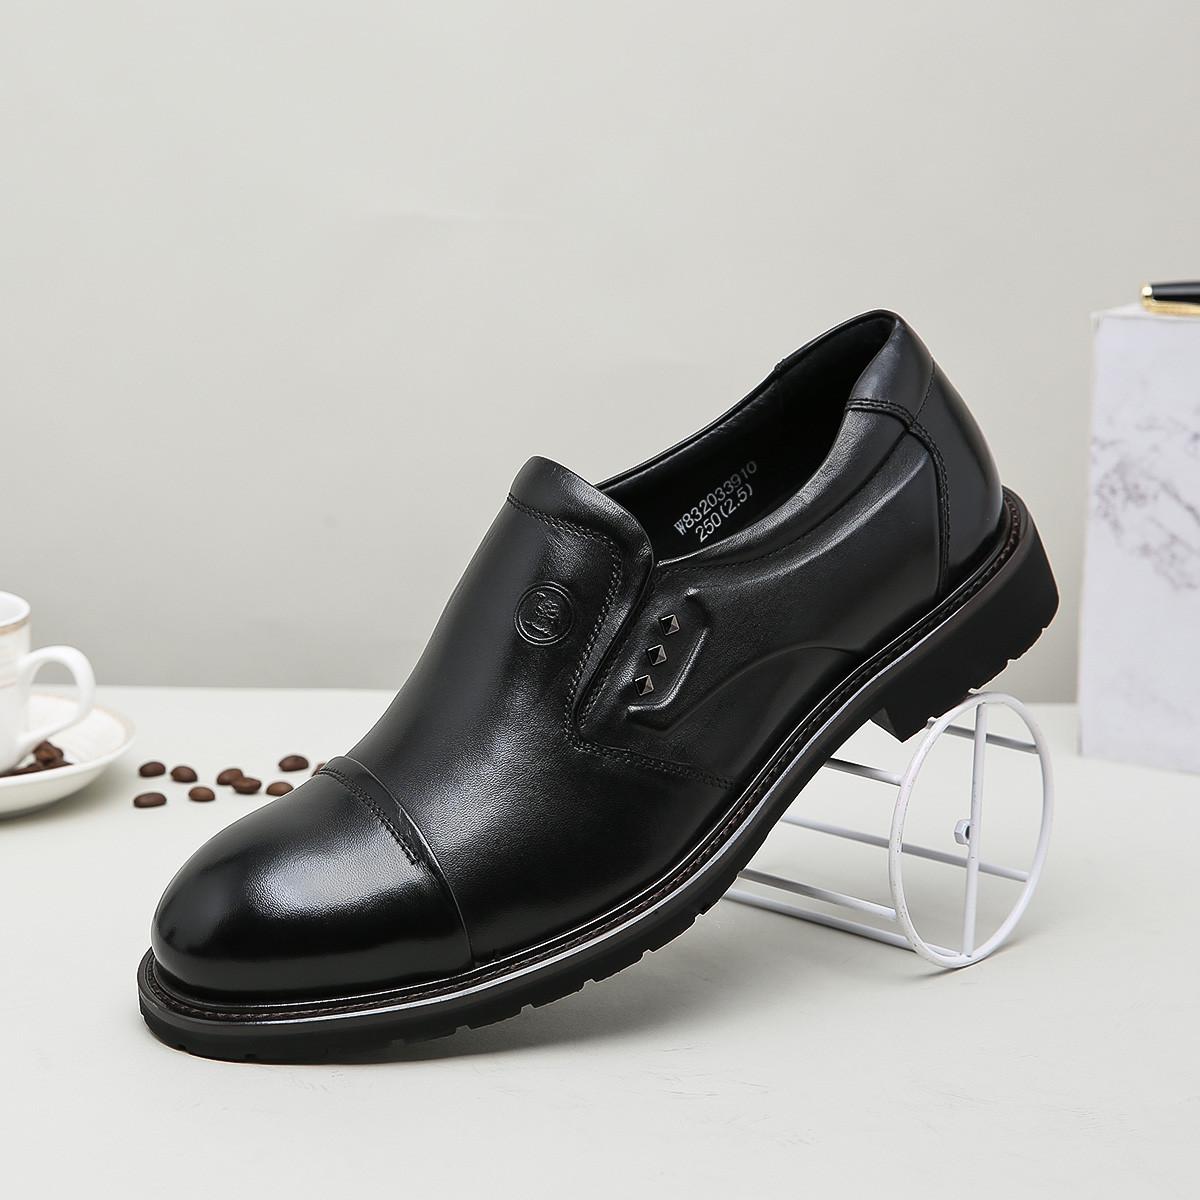 骆驼牌骆驼牌男鞋 时尚商务绅士黑色牛皮低帮套脚职业皮鞋商务鞋正装鞋W811033910HE